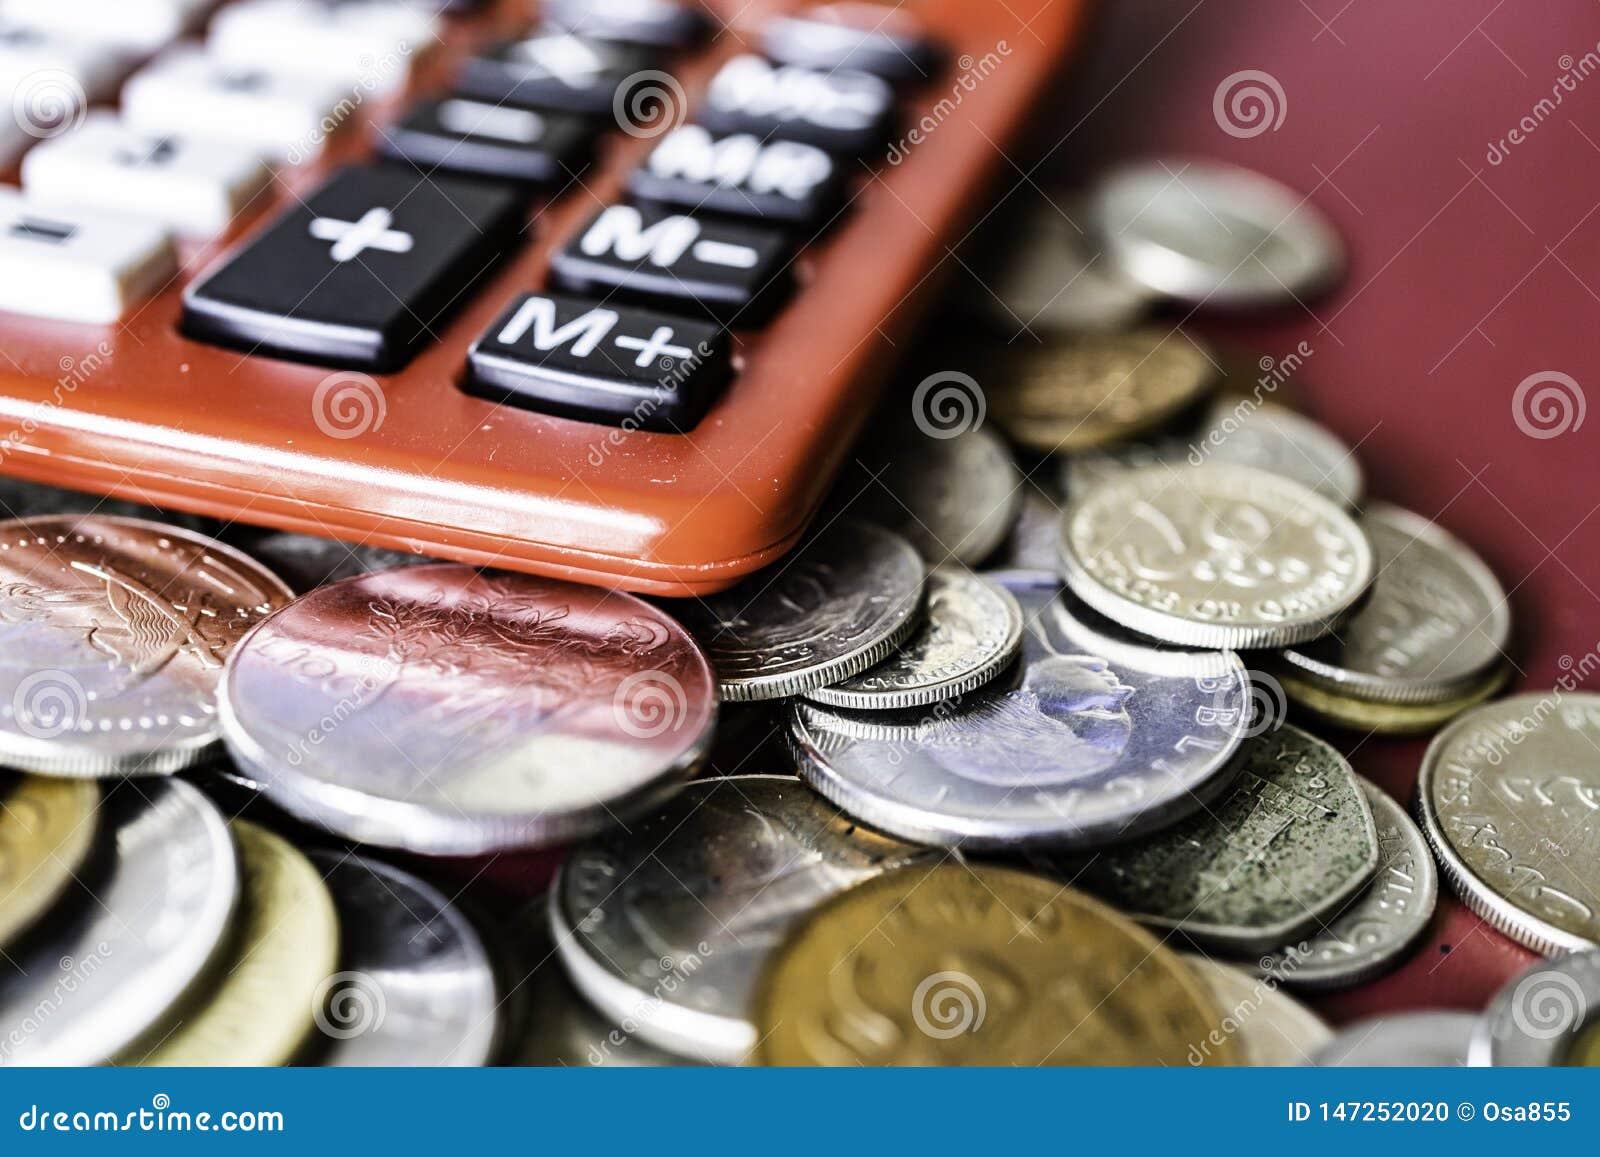 Calculadora vermelha do tampo da mesa com moedas de prata